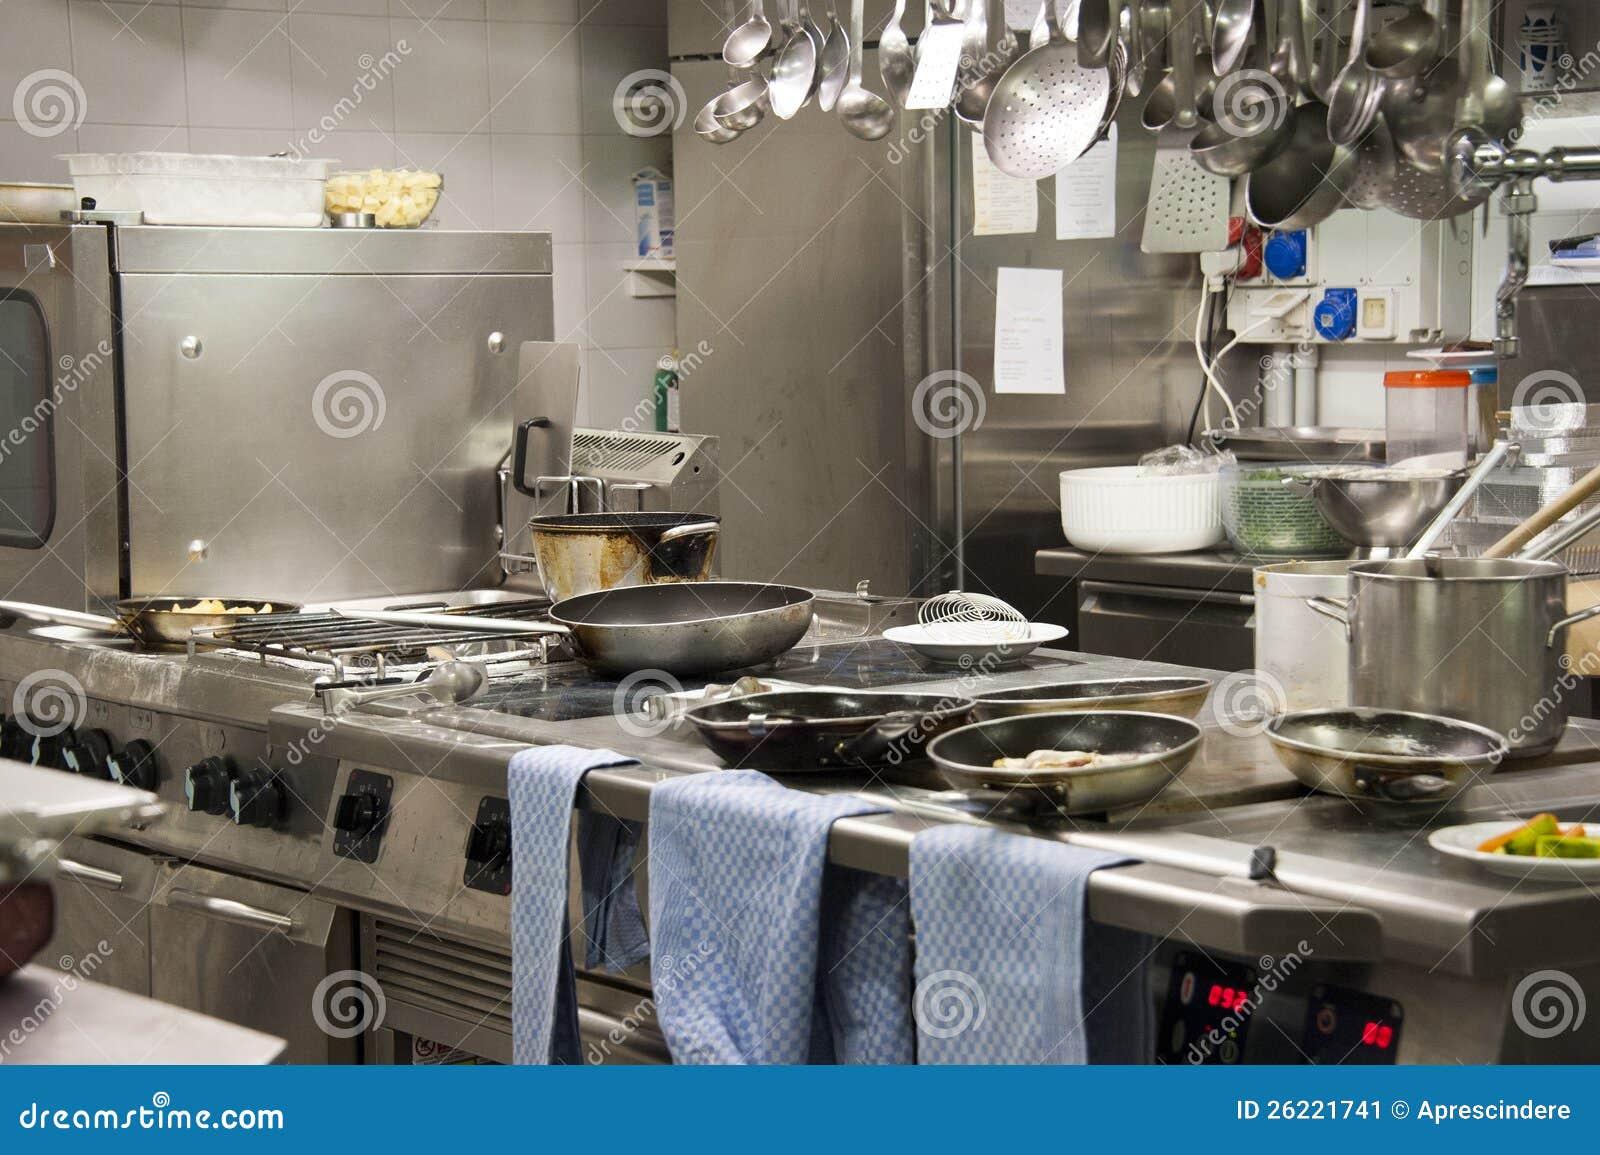 Restaurante Da Cozinha Imagem De Stock Imagem De Kitchenware 26221741